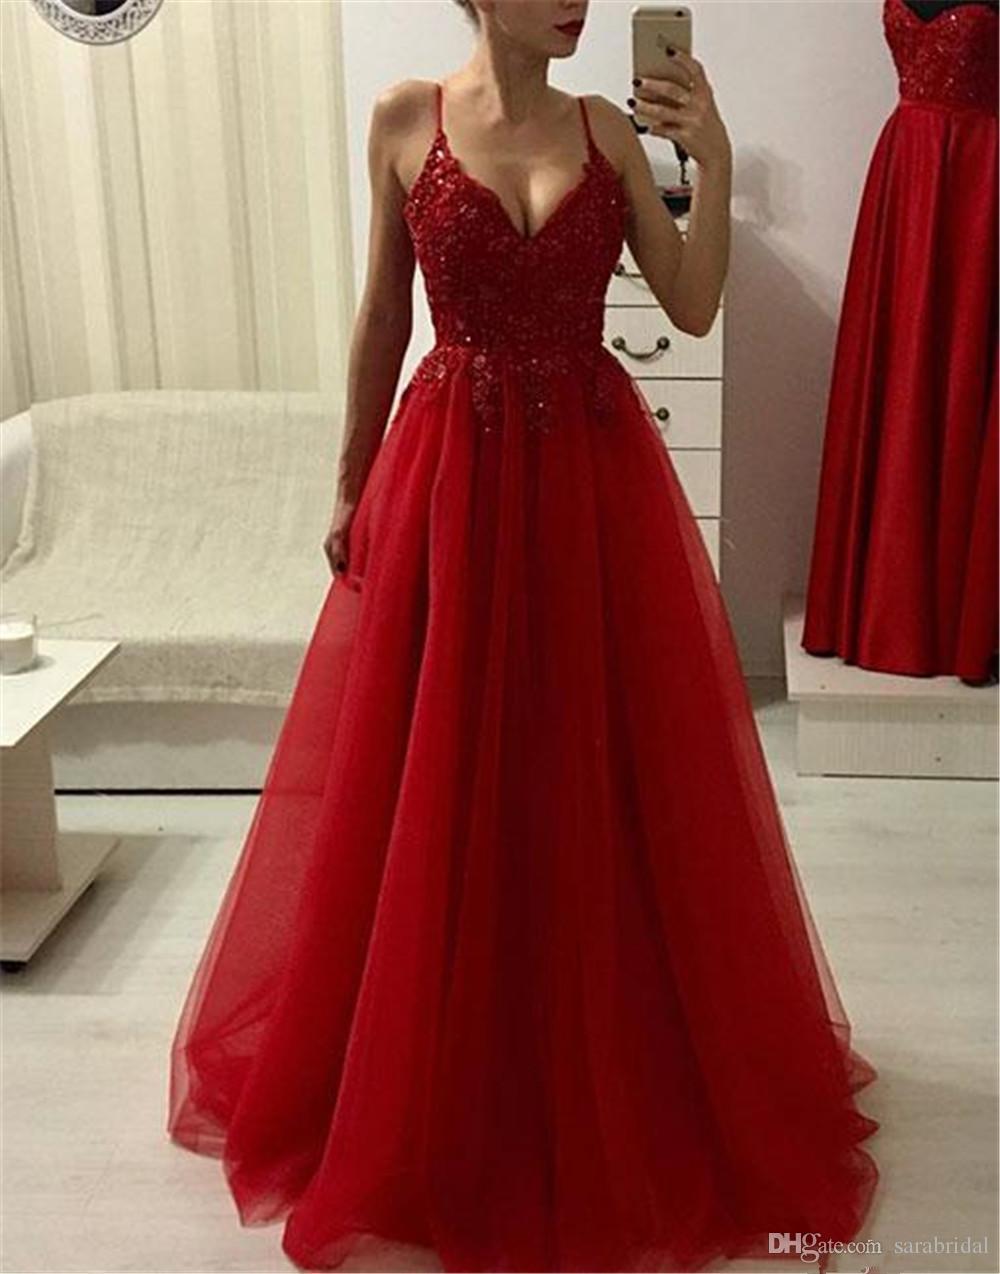 Compre Moderno Rojo Largo Africano Vestido De Fiesta 2019 Correa De Espagueti A Line Long Turkey Noche Formal Dulce 16 Vestidos Fiesta Fiesta Vestido